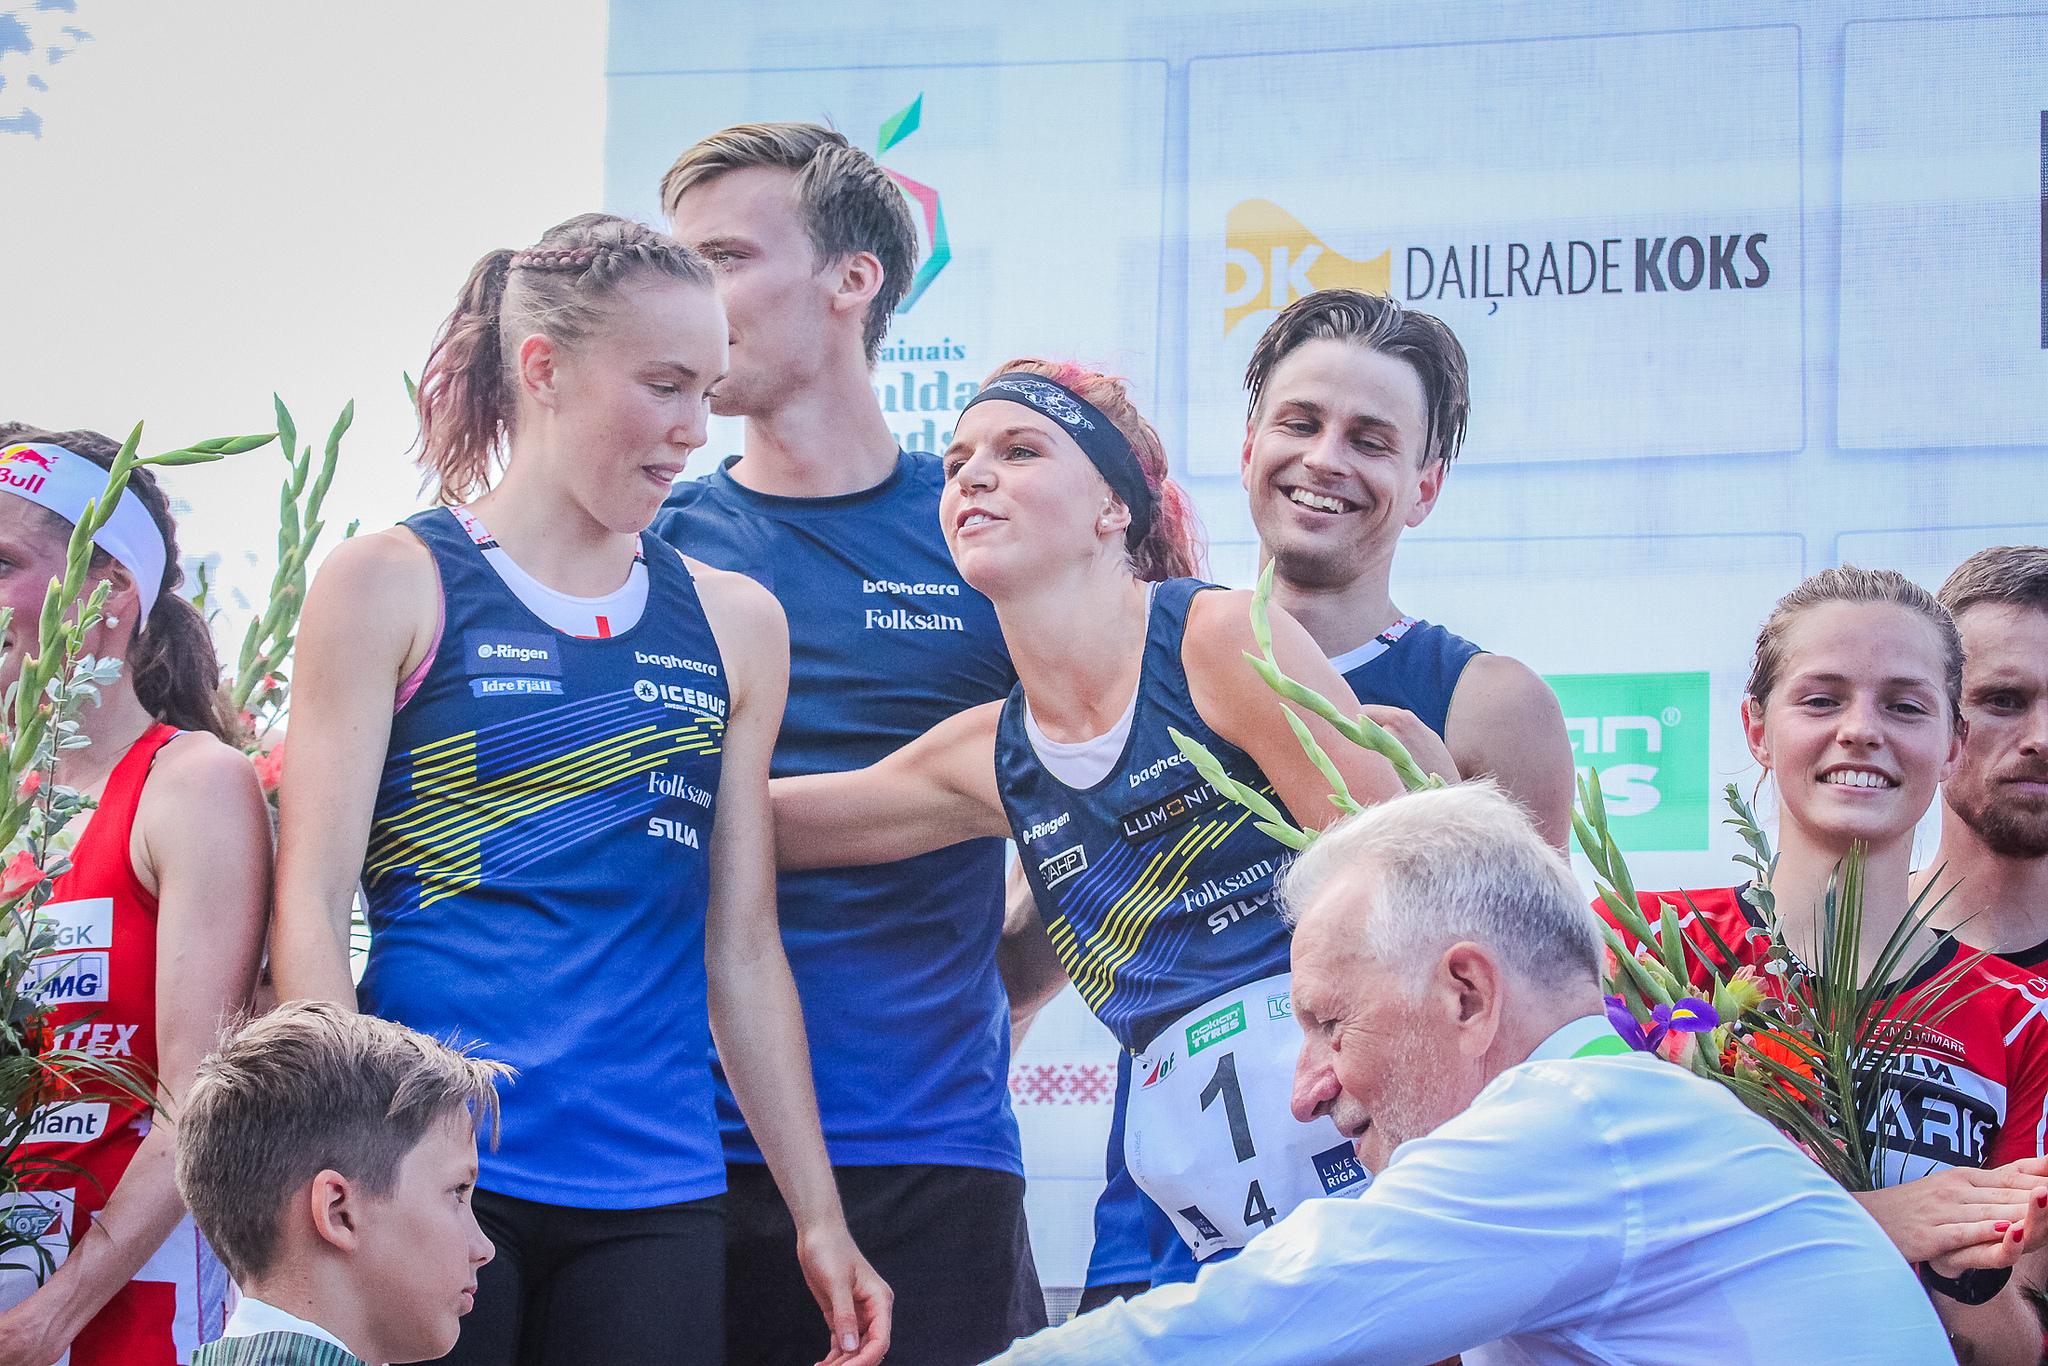 Световният шампионат по ориентиране в Латвия продължи в днешния ден с една от новите и много актрактивни дисциплини – спринтова щафета. В нея важат правилата на спринтовата дистанция и щафетните...